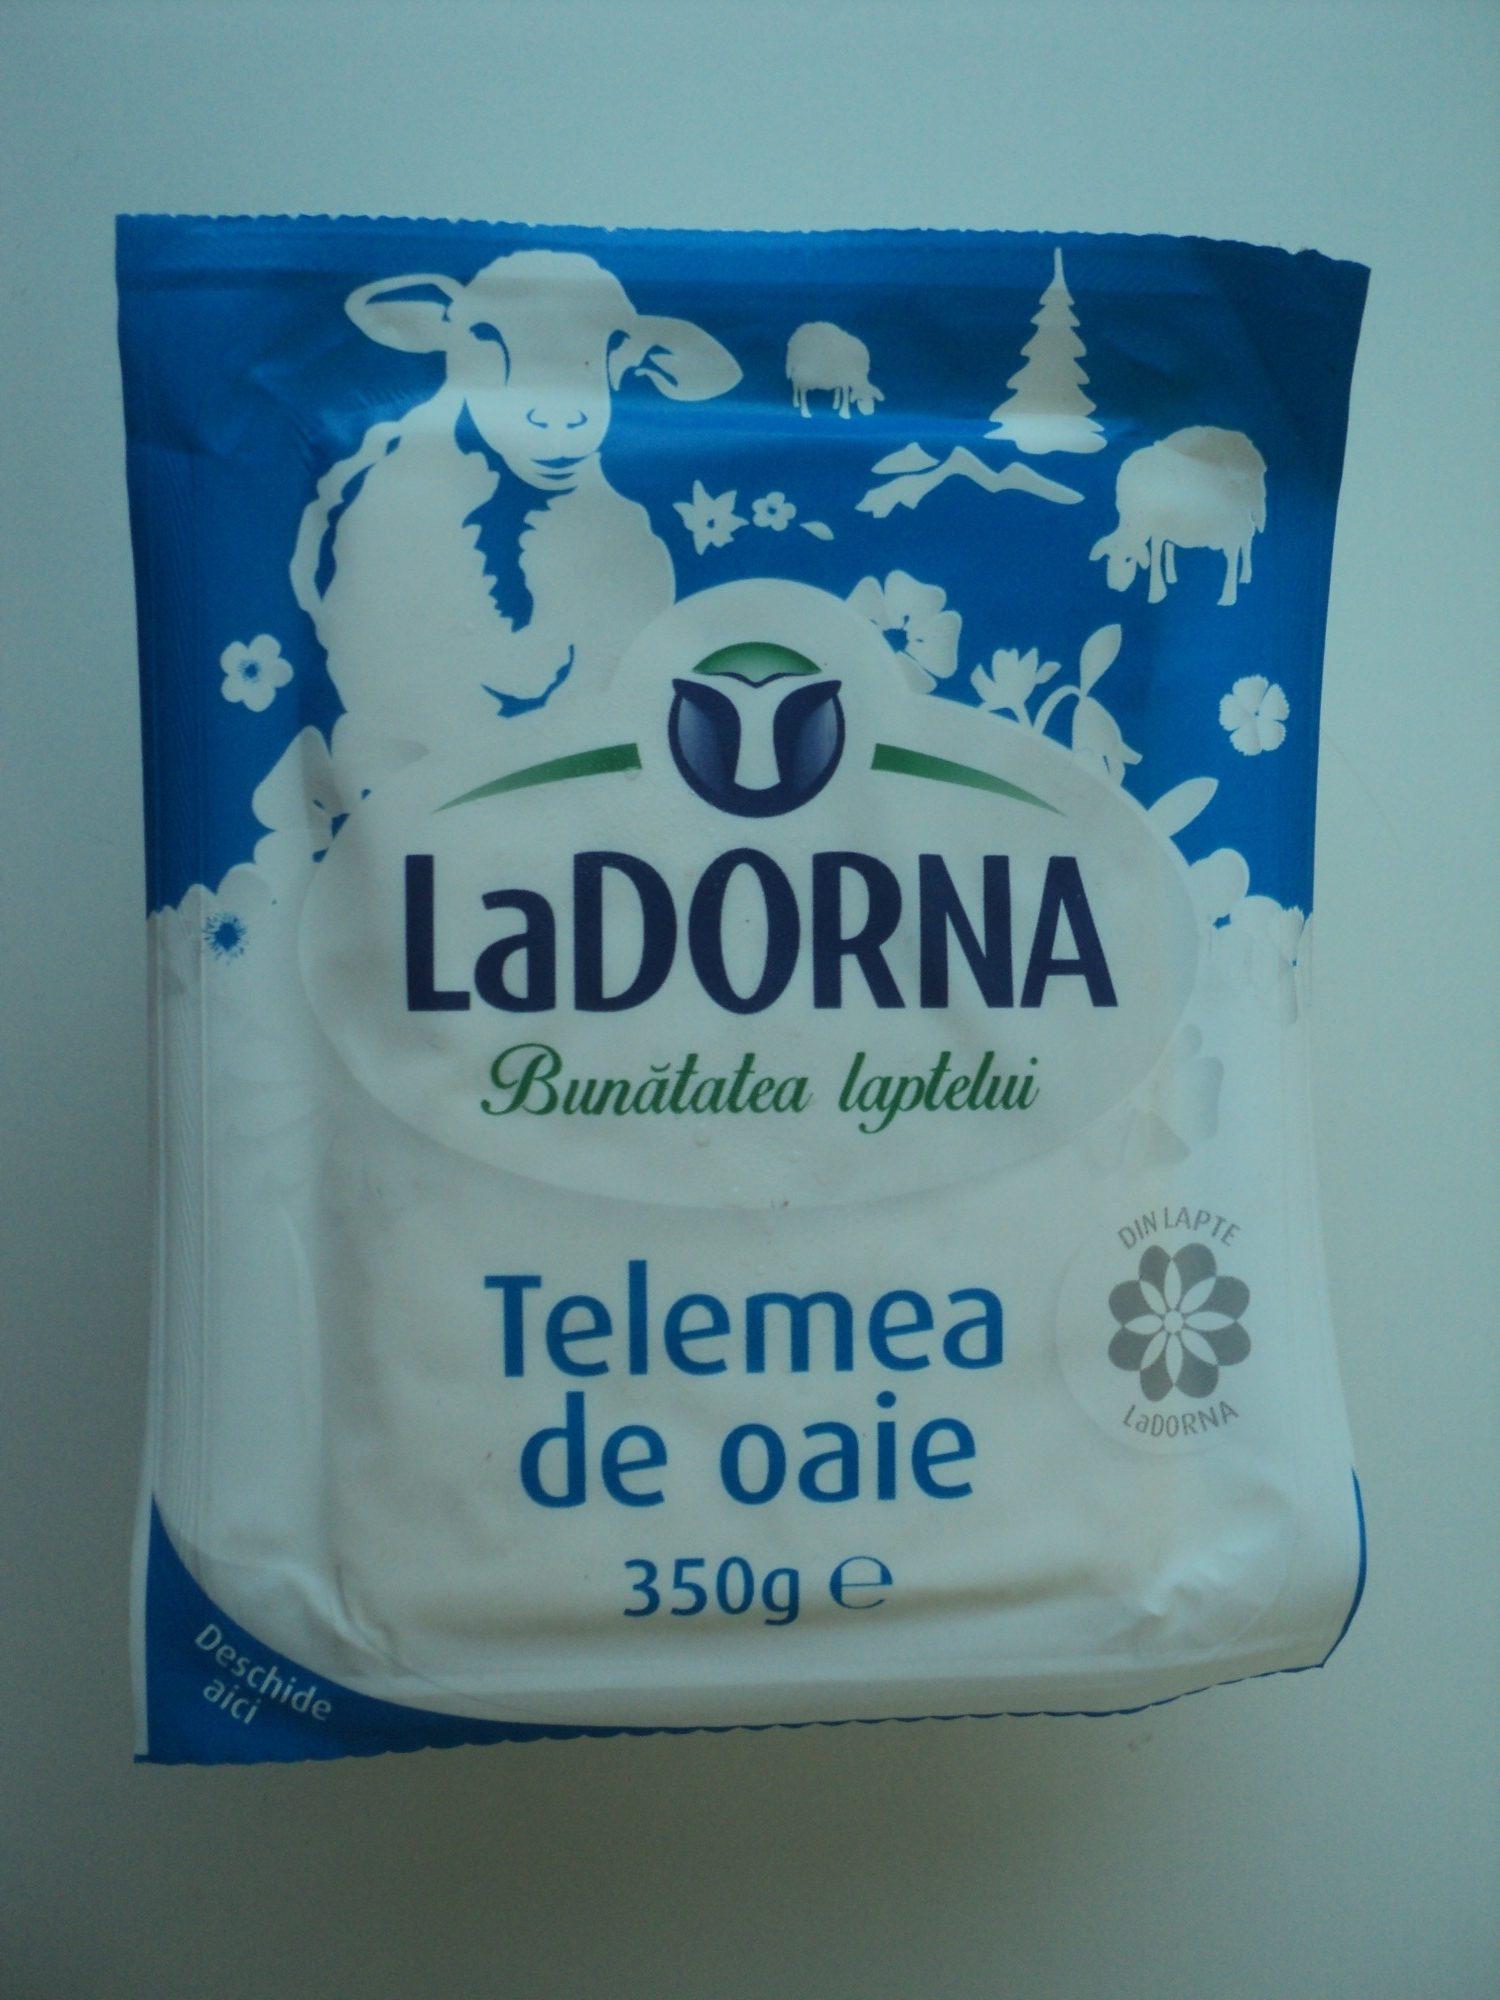 LaDorna Telemea de oaie - Produit - ro